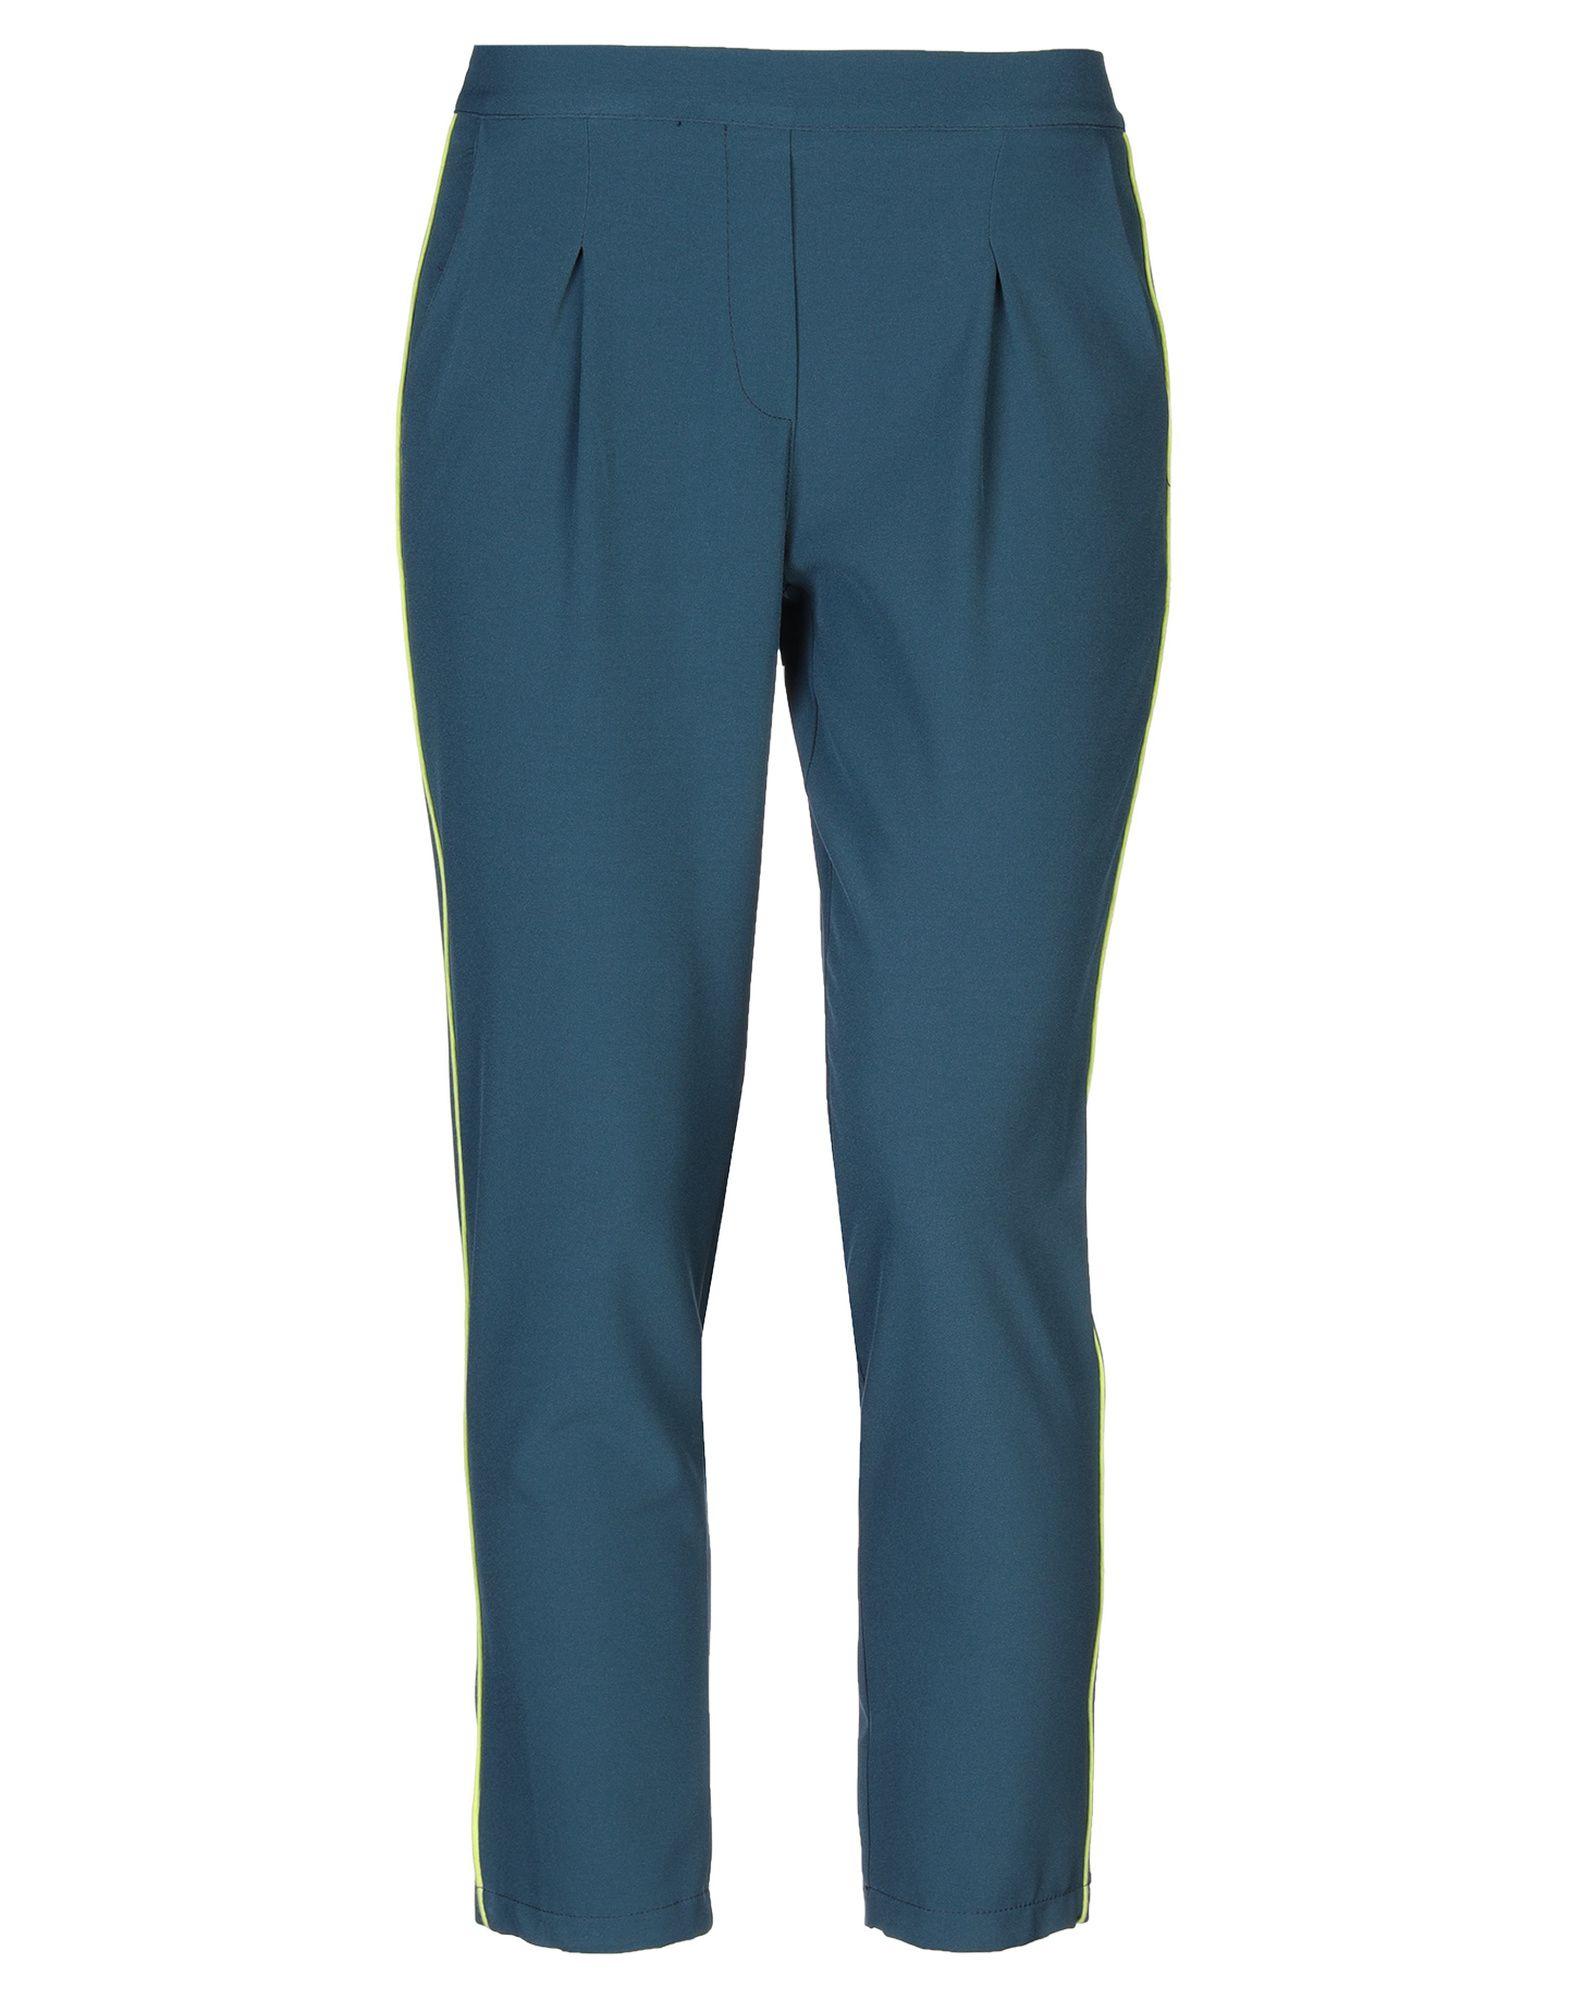 SISTE' S Повседневные брюки цена